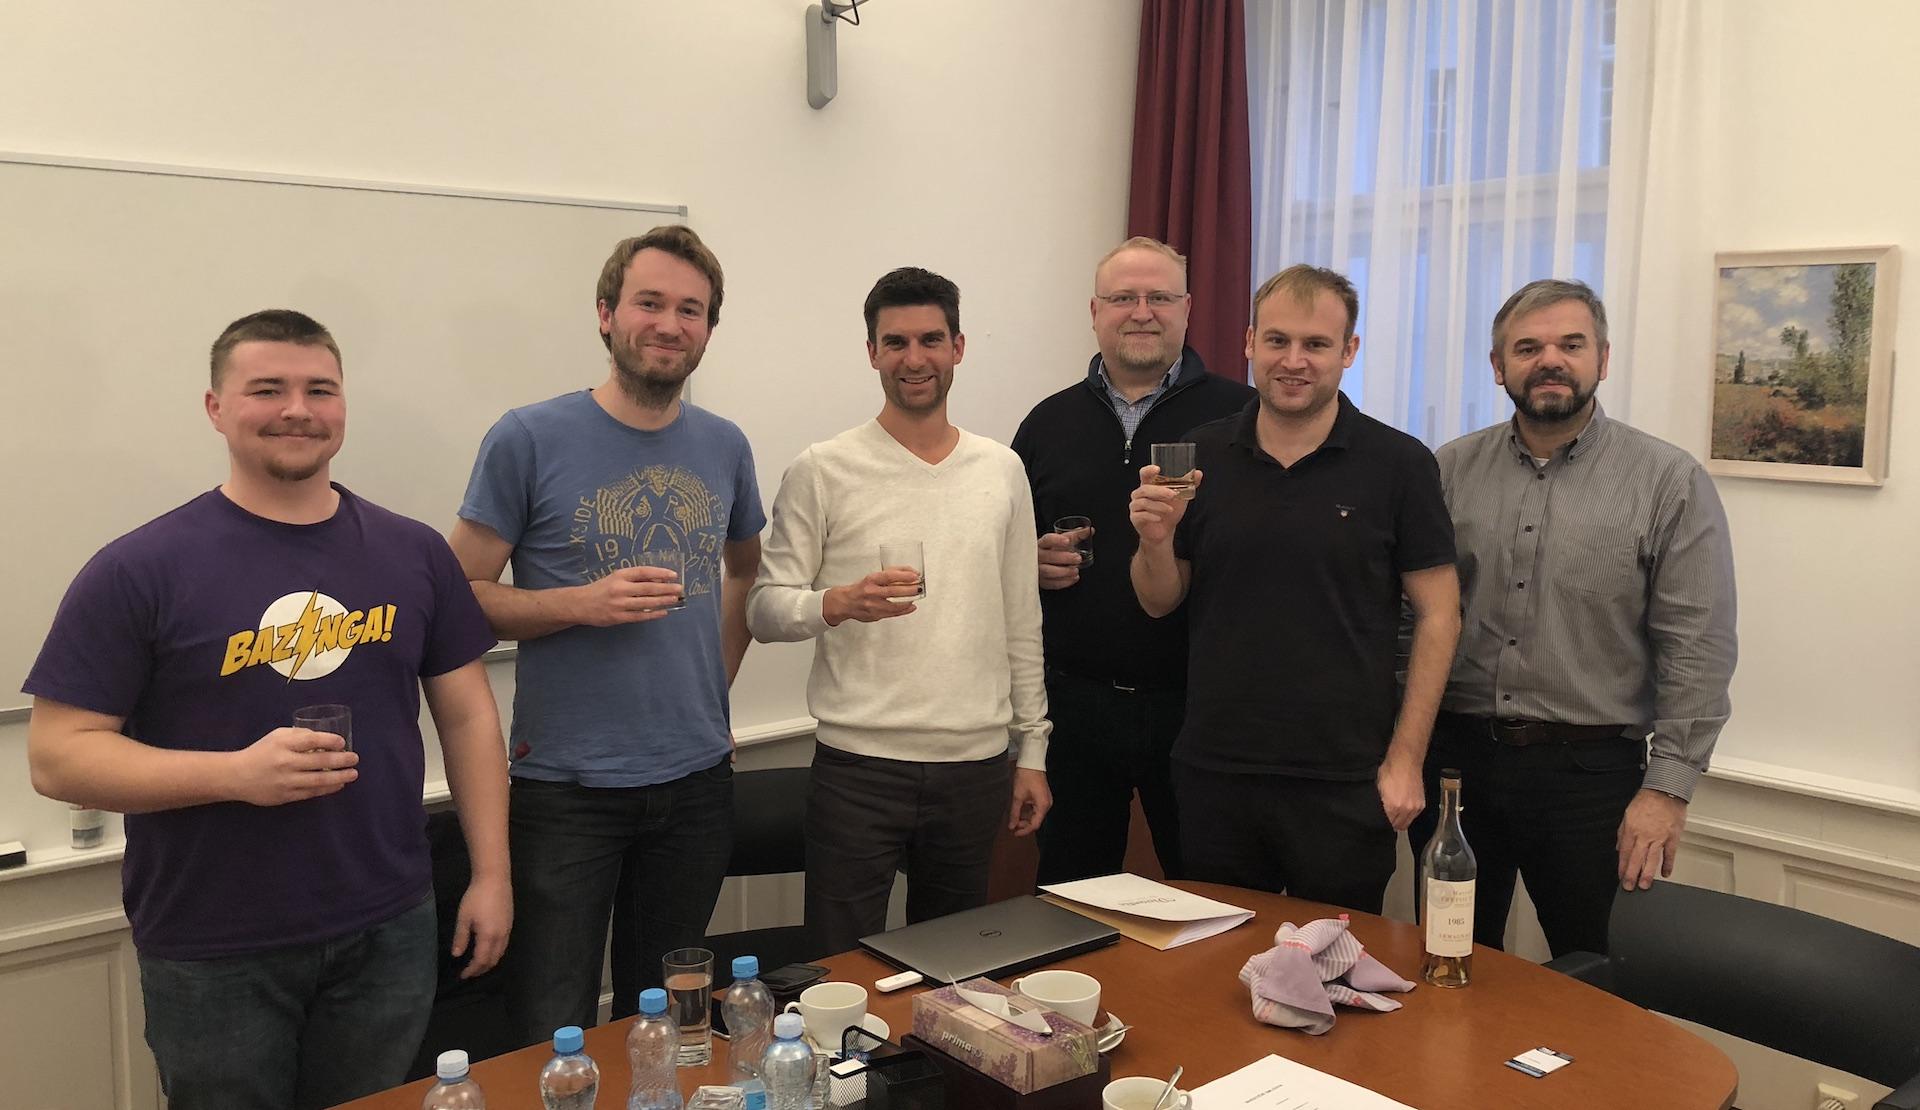 Zleva: Jakub Kulhan, Kamil Demuth, Martin Rozhoň, David Špinar (Miton), Jan Barta, Petr Krajíček (Pale Fire Capital)